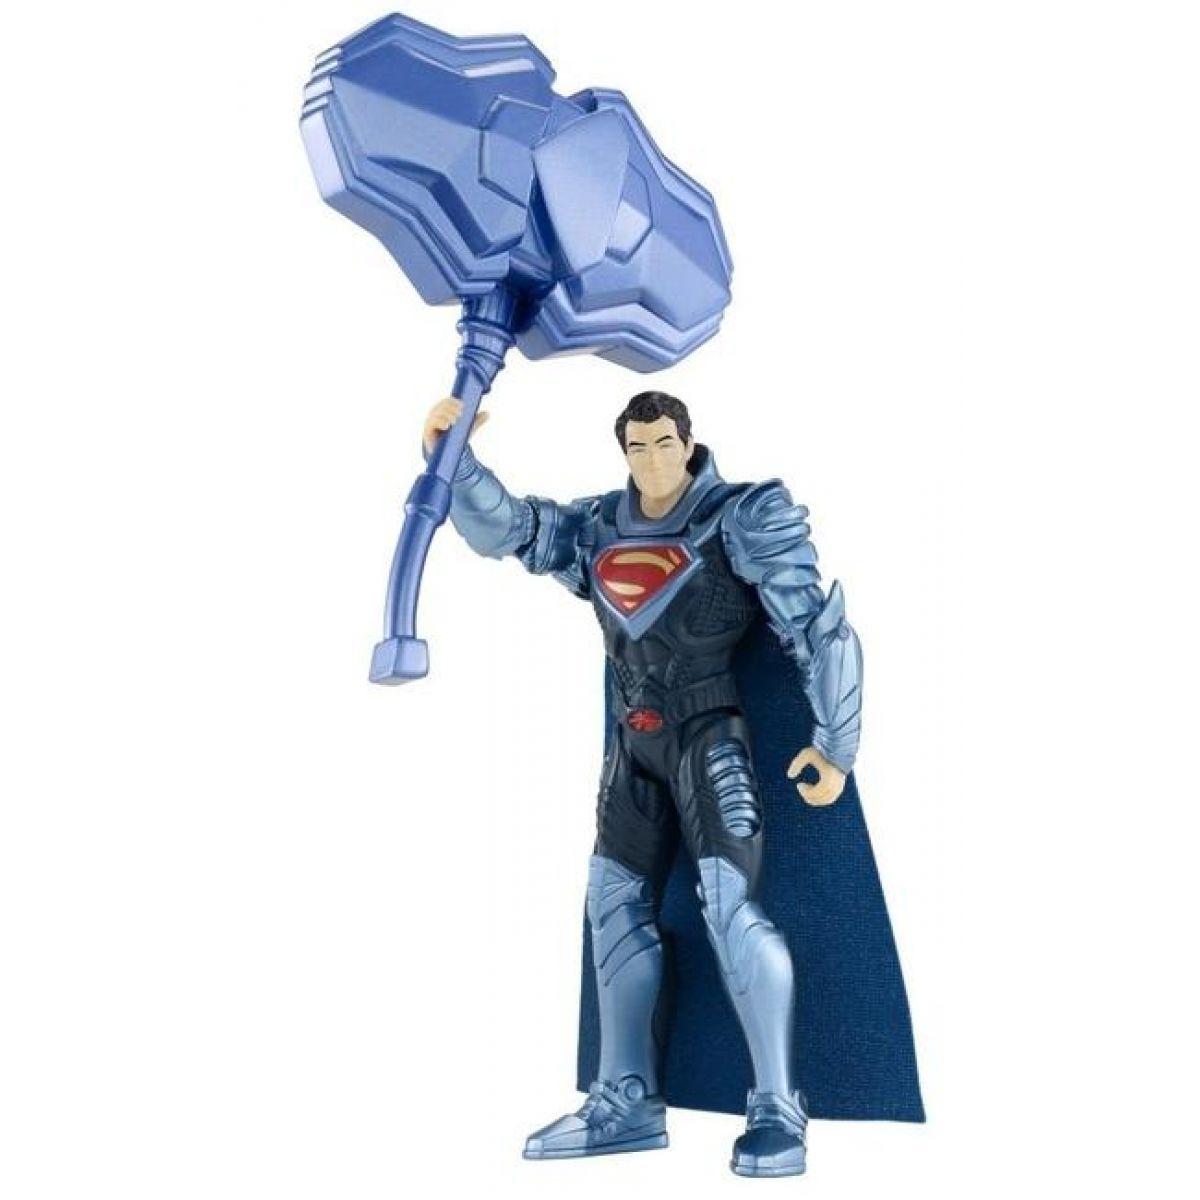 Superman základní figurky Mattel - Superman Mega staff